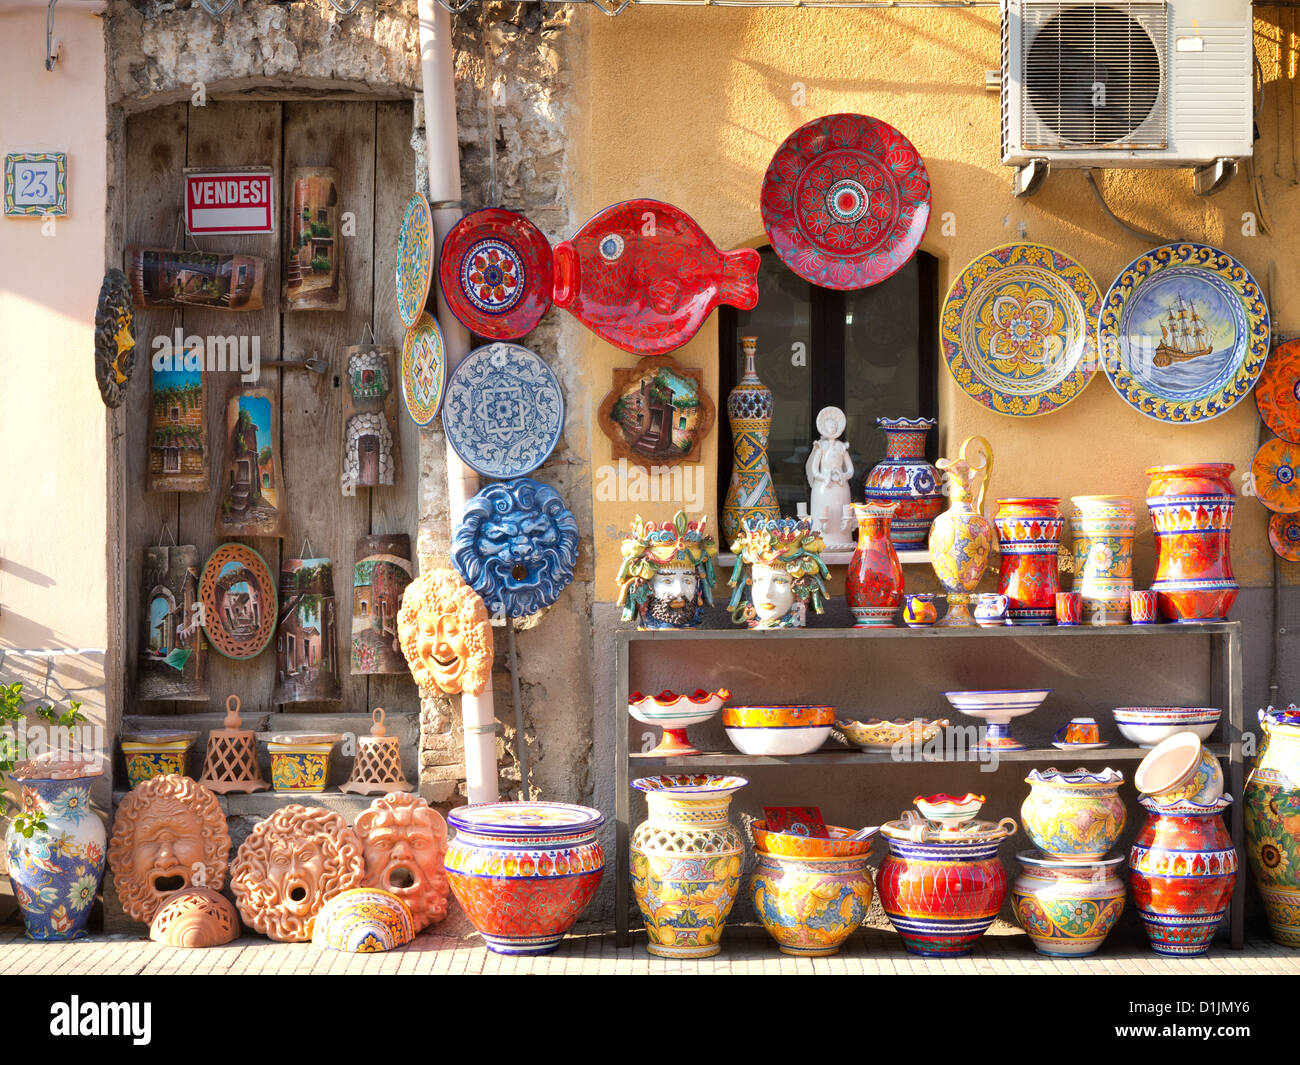 Negozio di ceramica. Santo Stefano di Camastra, Sicilia, Italia Foto stock - Alamy